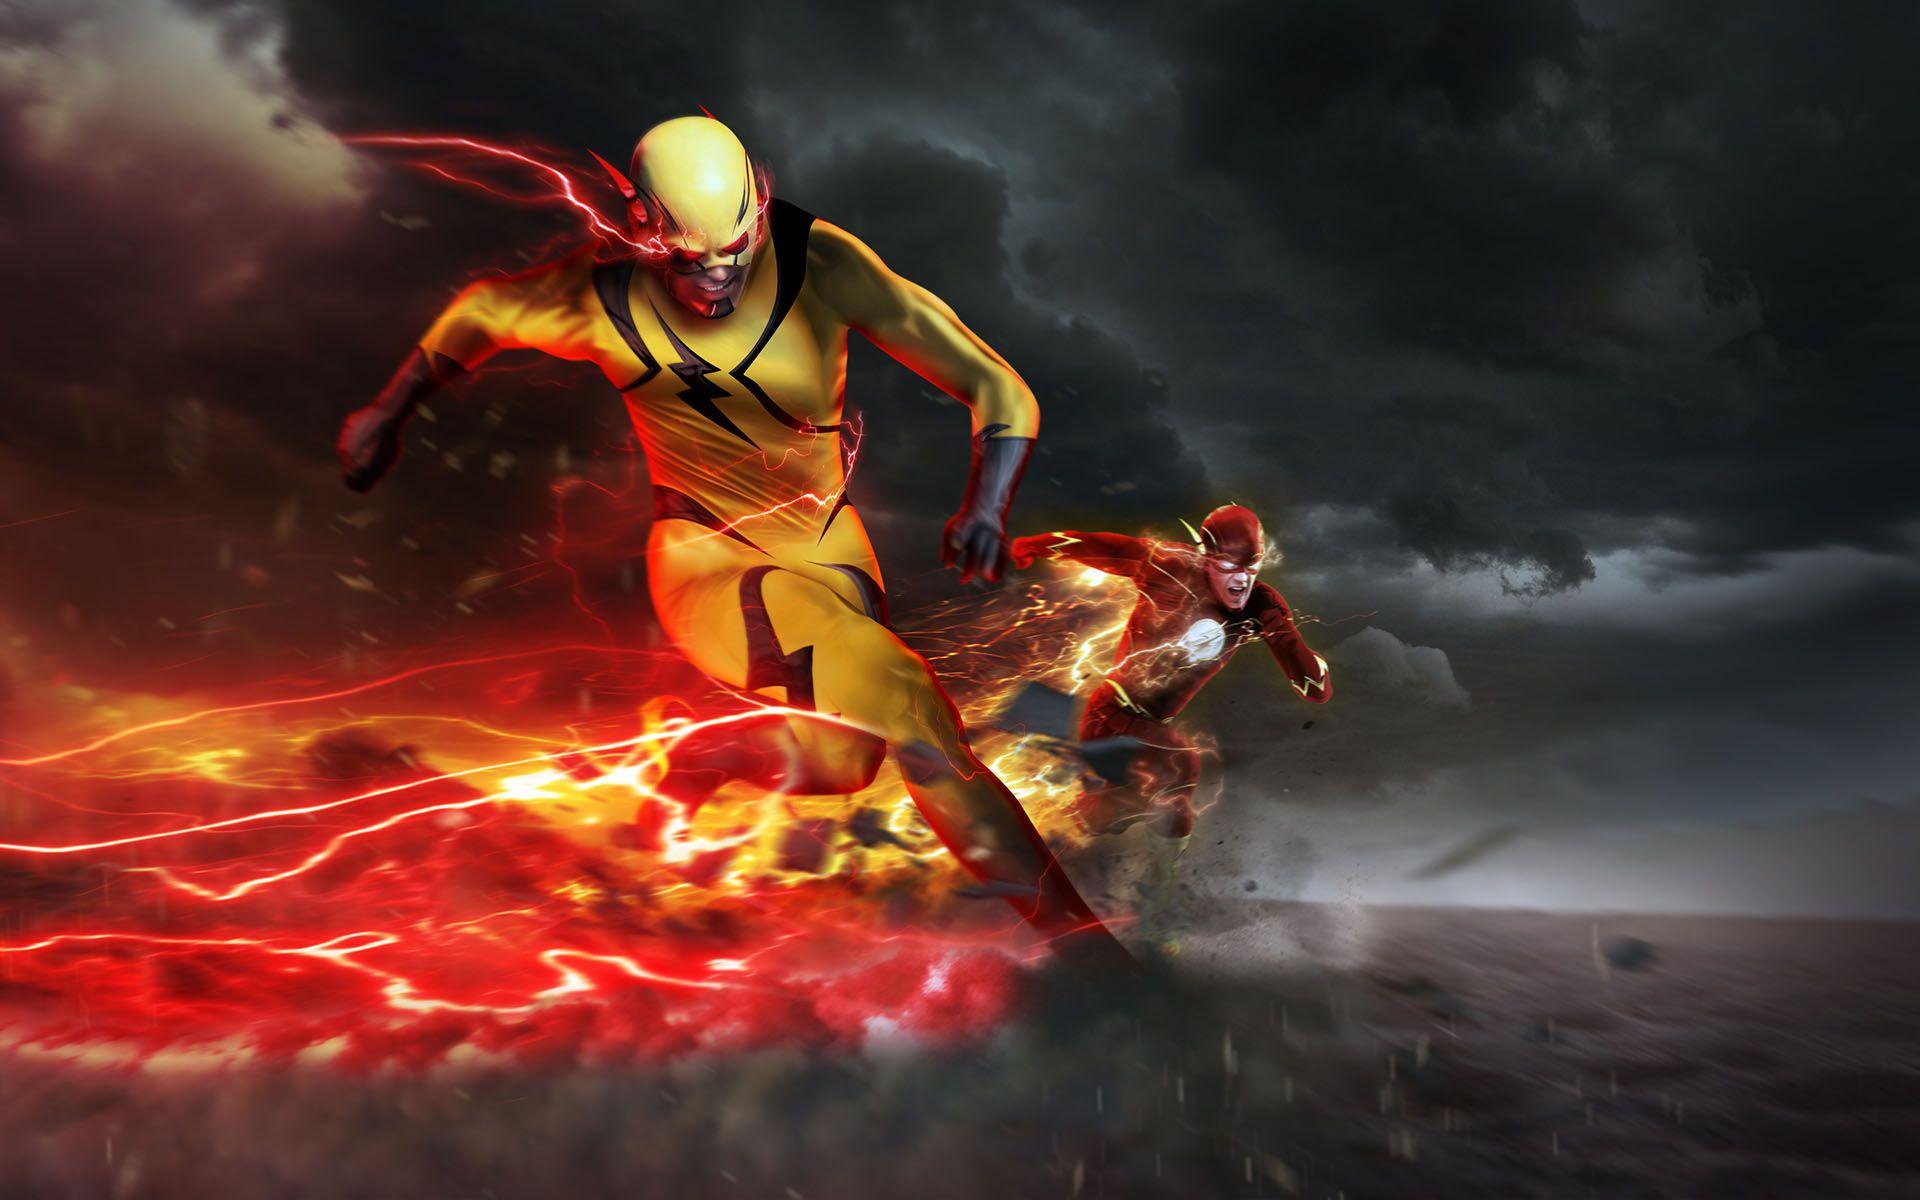 The Flash CW HD desktop wallpaper Widescreen High